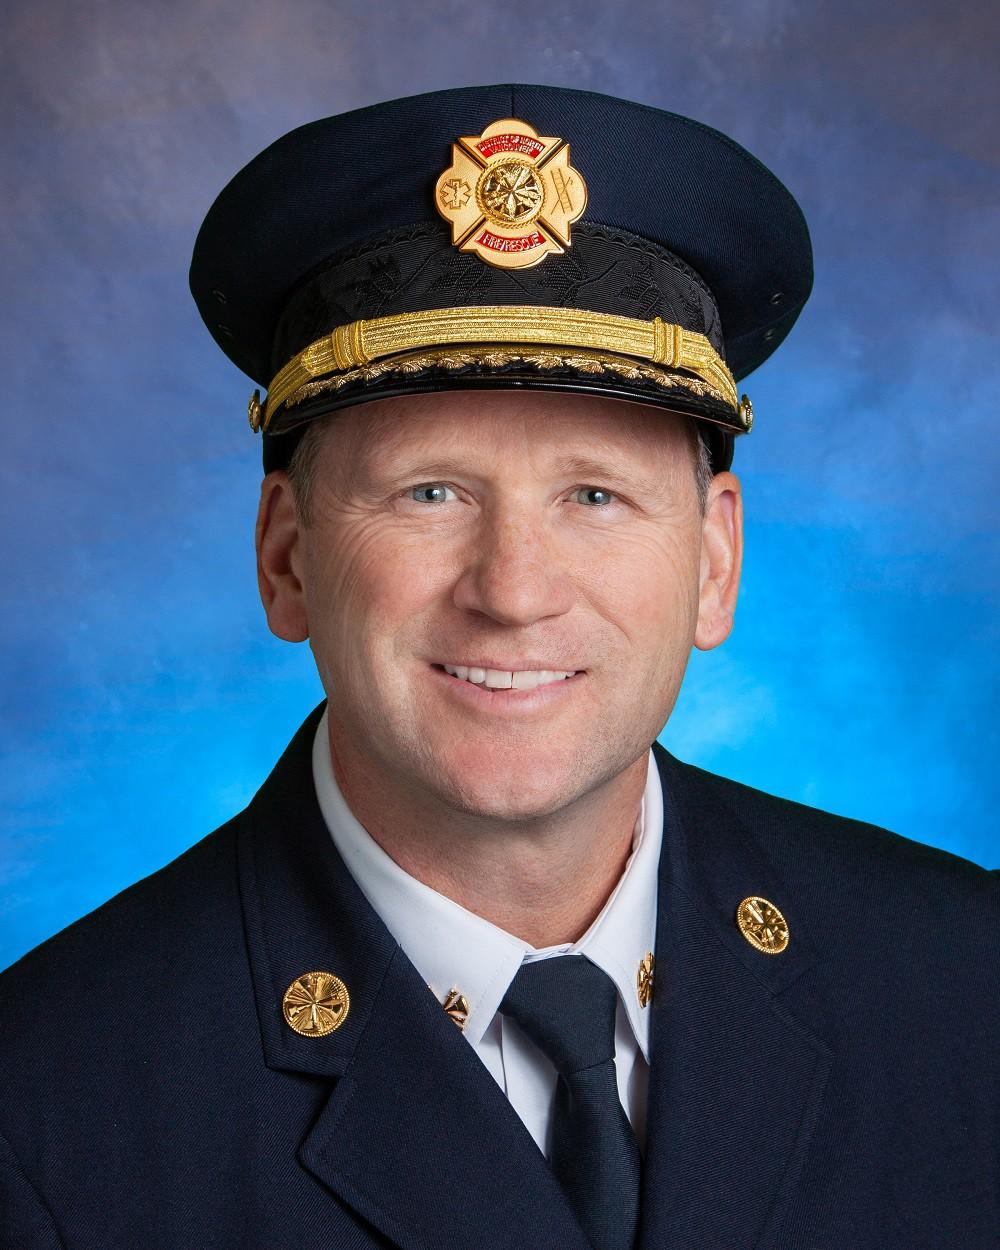 Deputy fire chief Wayne Kennedy